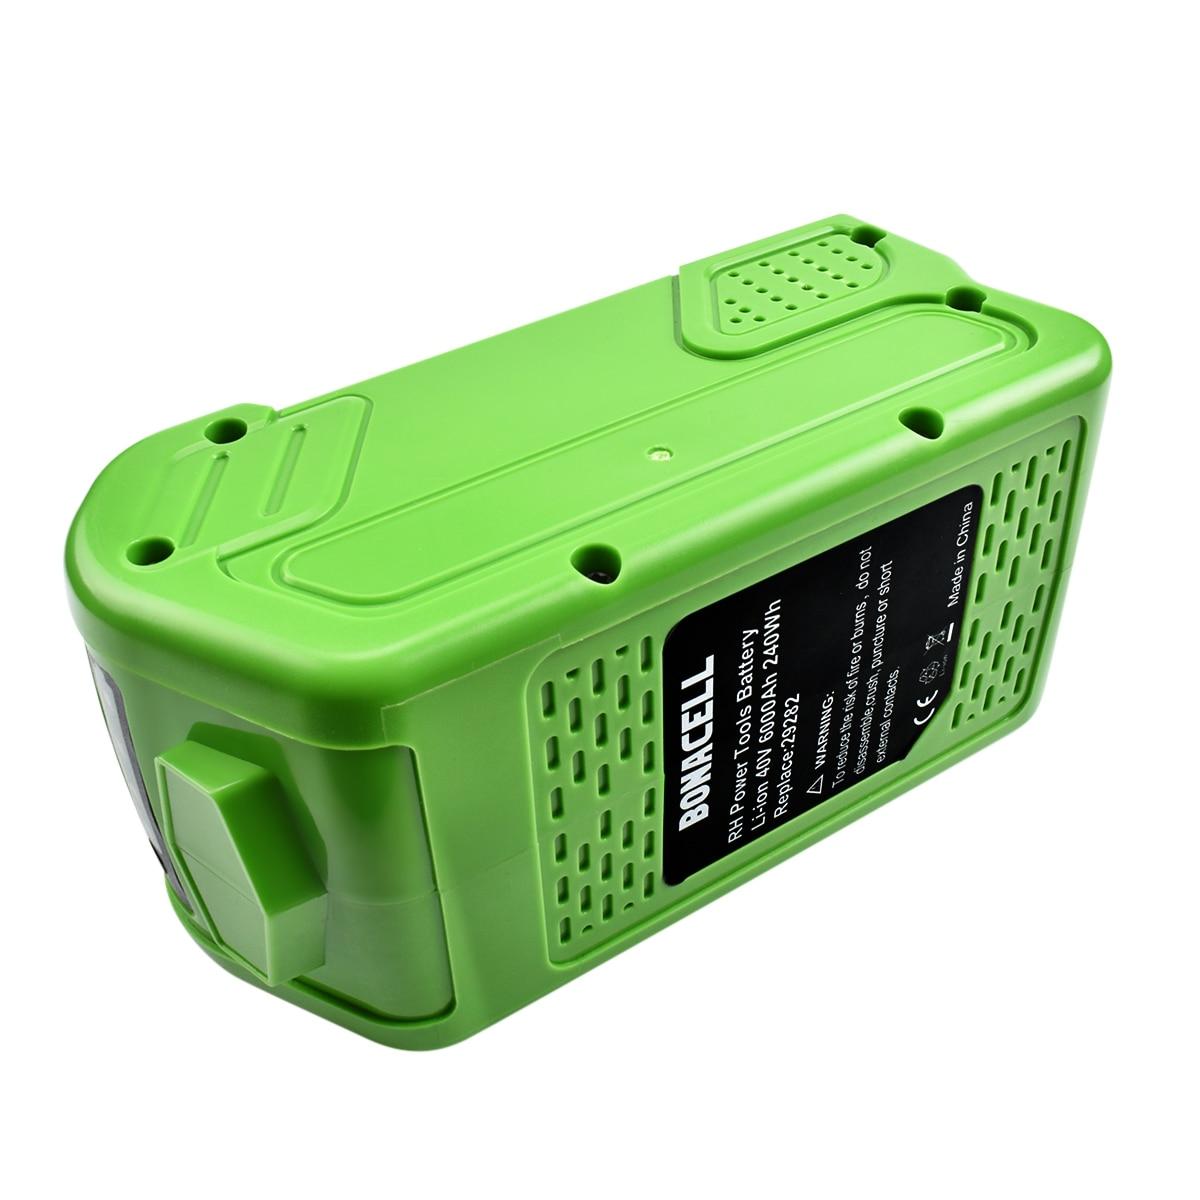 Powtree 40V 6000mAh Bateria Recarregável de Substituição para Creabest 40 W 200 V GreenWorks 29462 29472 22272 G-MAX GMAX l30